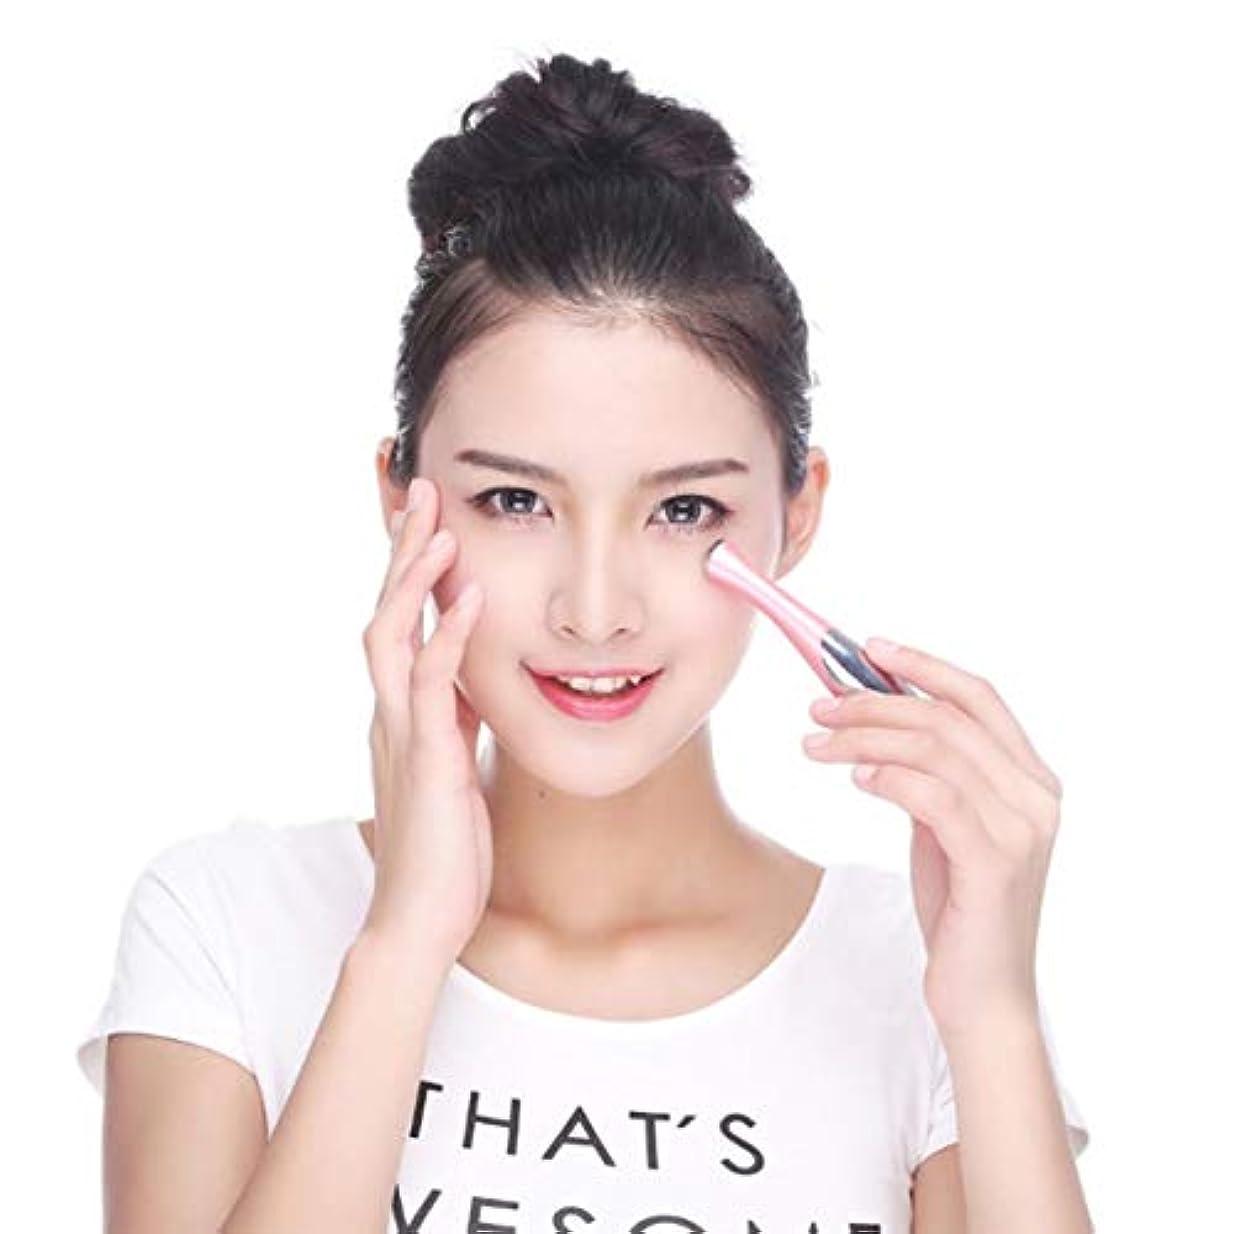 ストリームデュアルコメントMini Portable Handheld Ion Eye Massager Vibration Massage Skin Firming Care Facial Moisturizer Massager Beauty Instrument